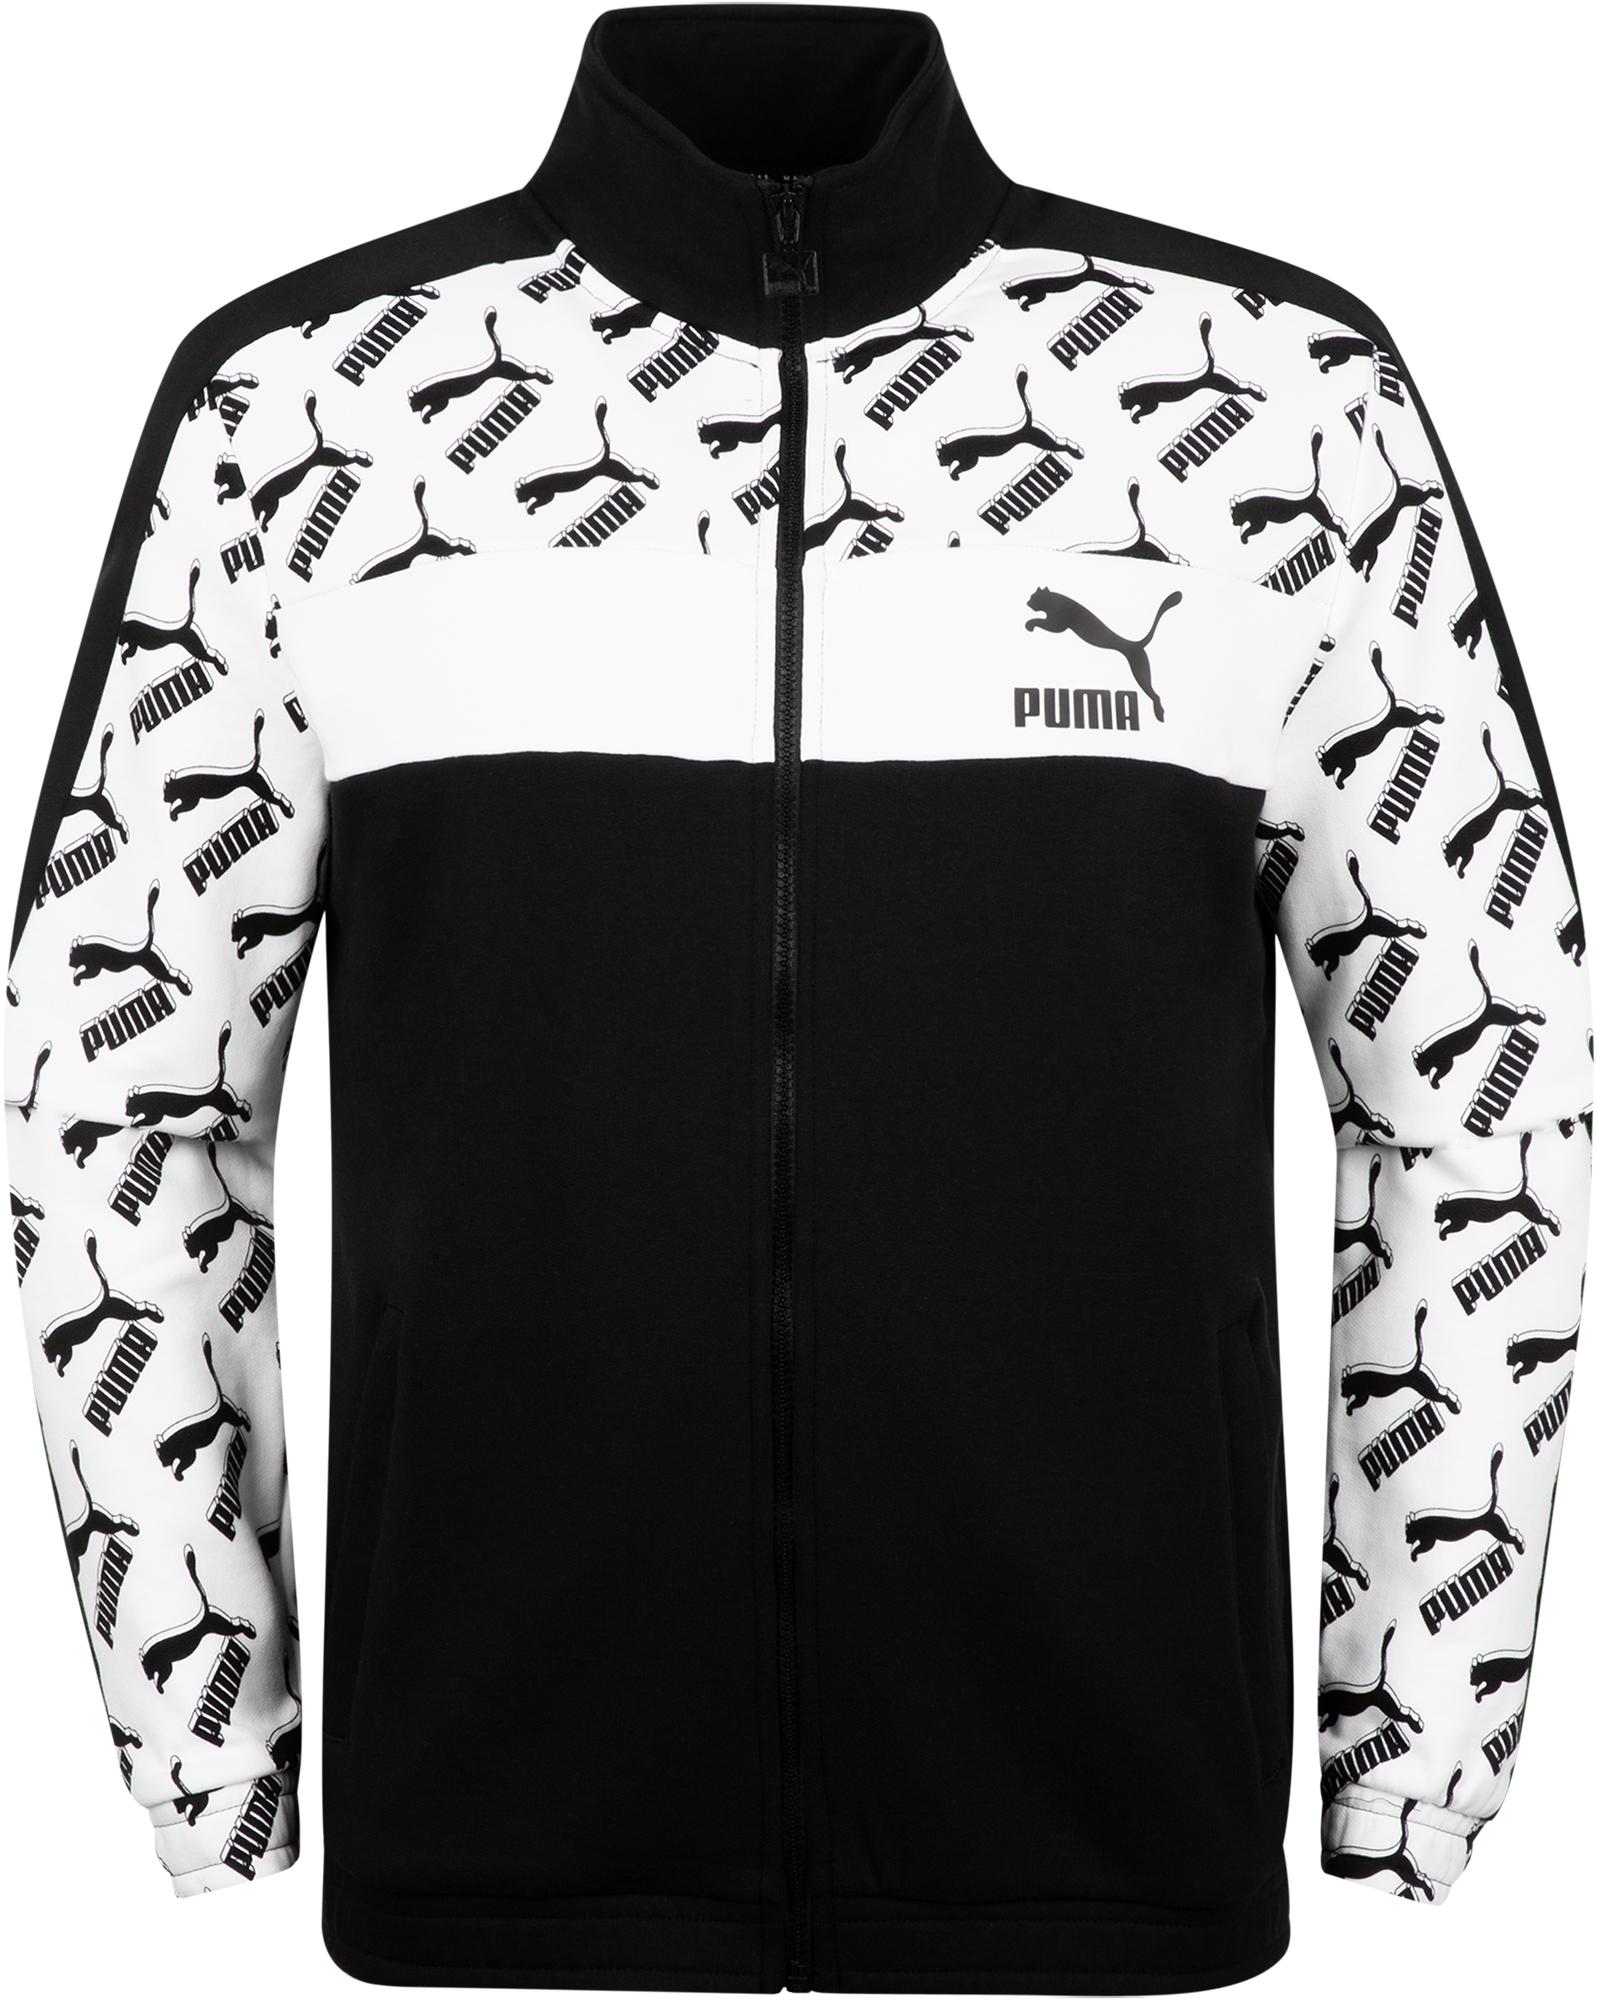 цена Puma Толстовка мужская Puma AOP T7 Track, размер 52-54 онлайн в 2017 году